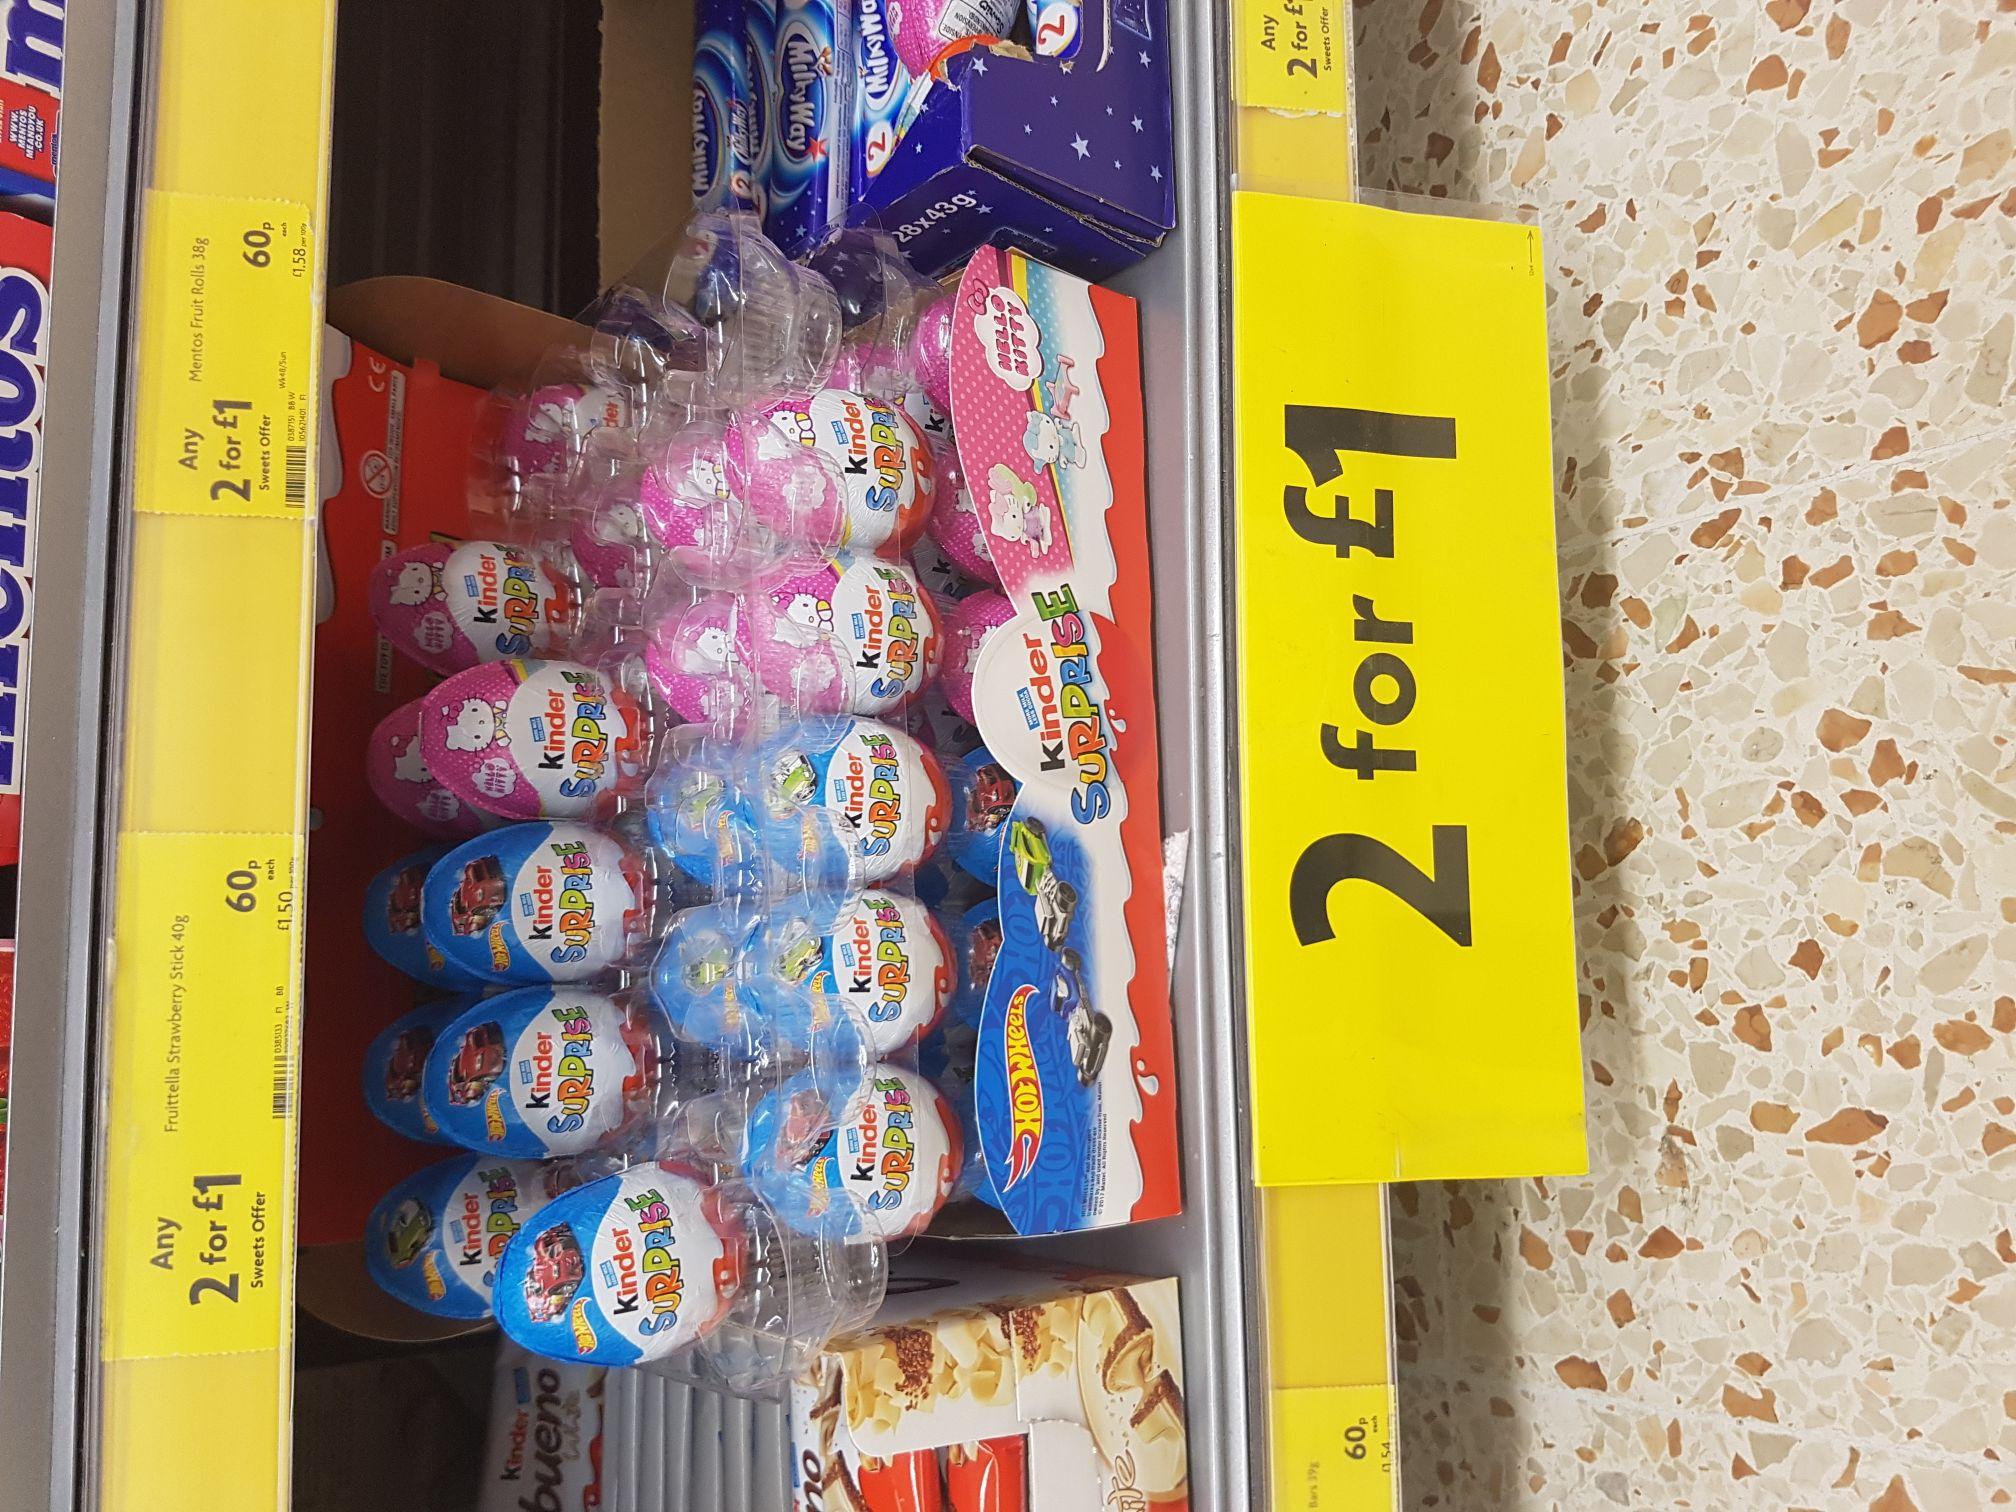 Kinder 2 for a £1 instore @ Morrisons